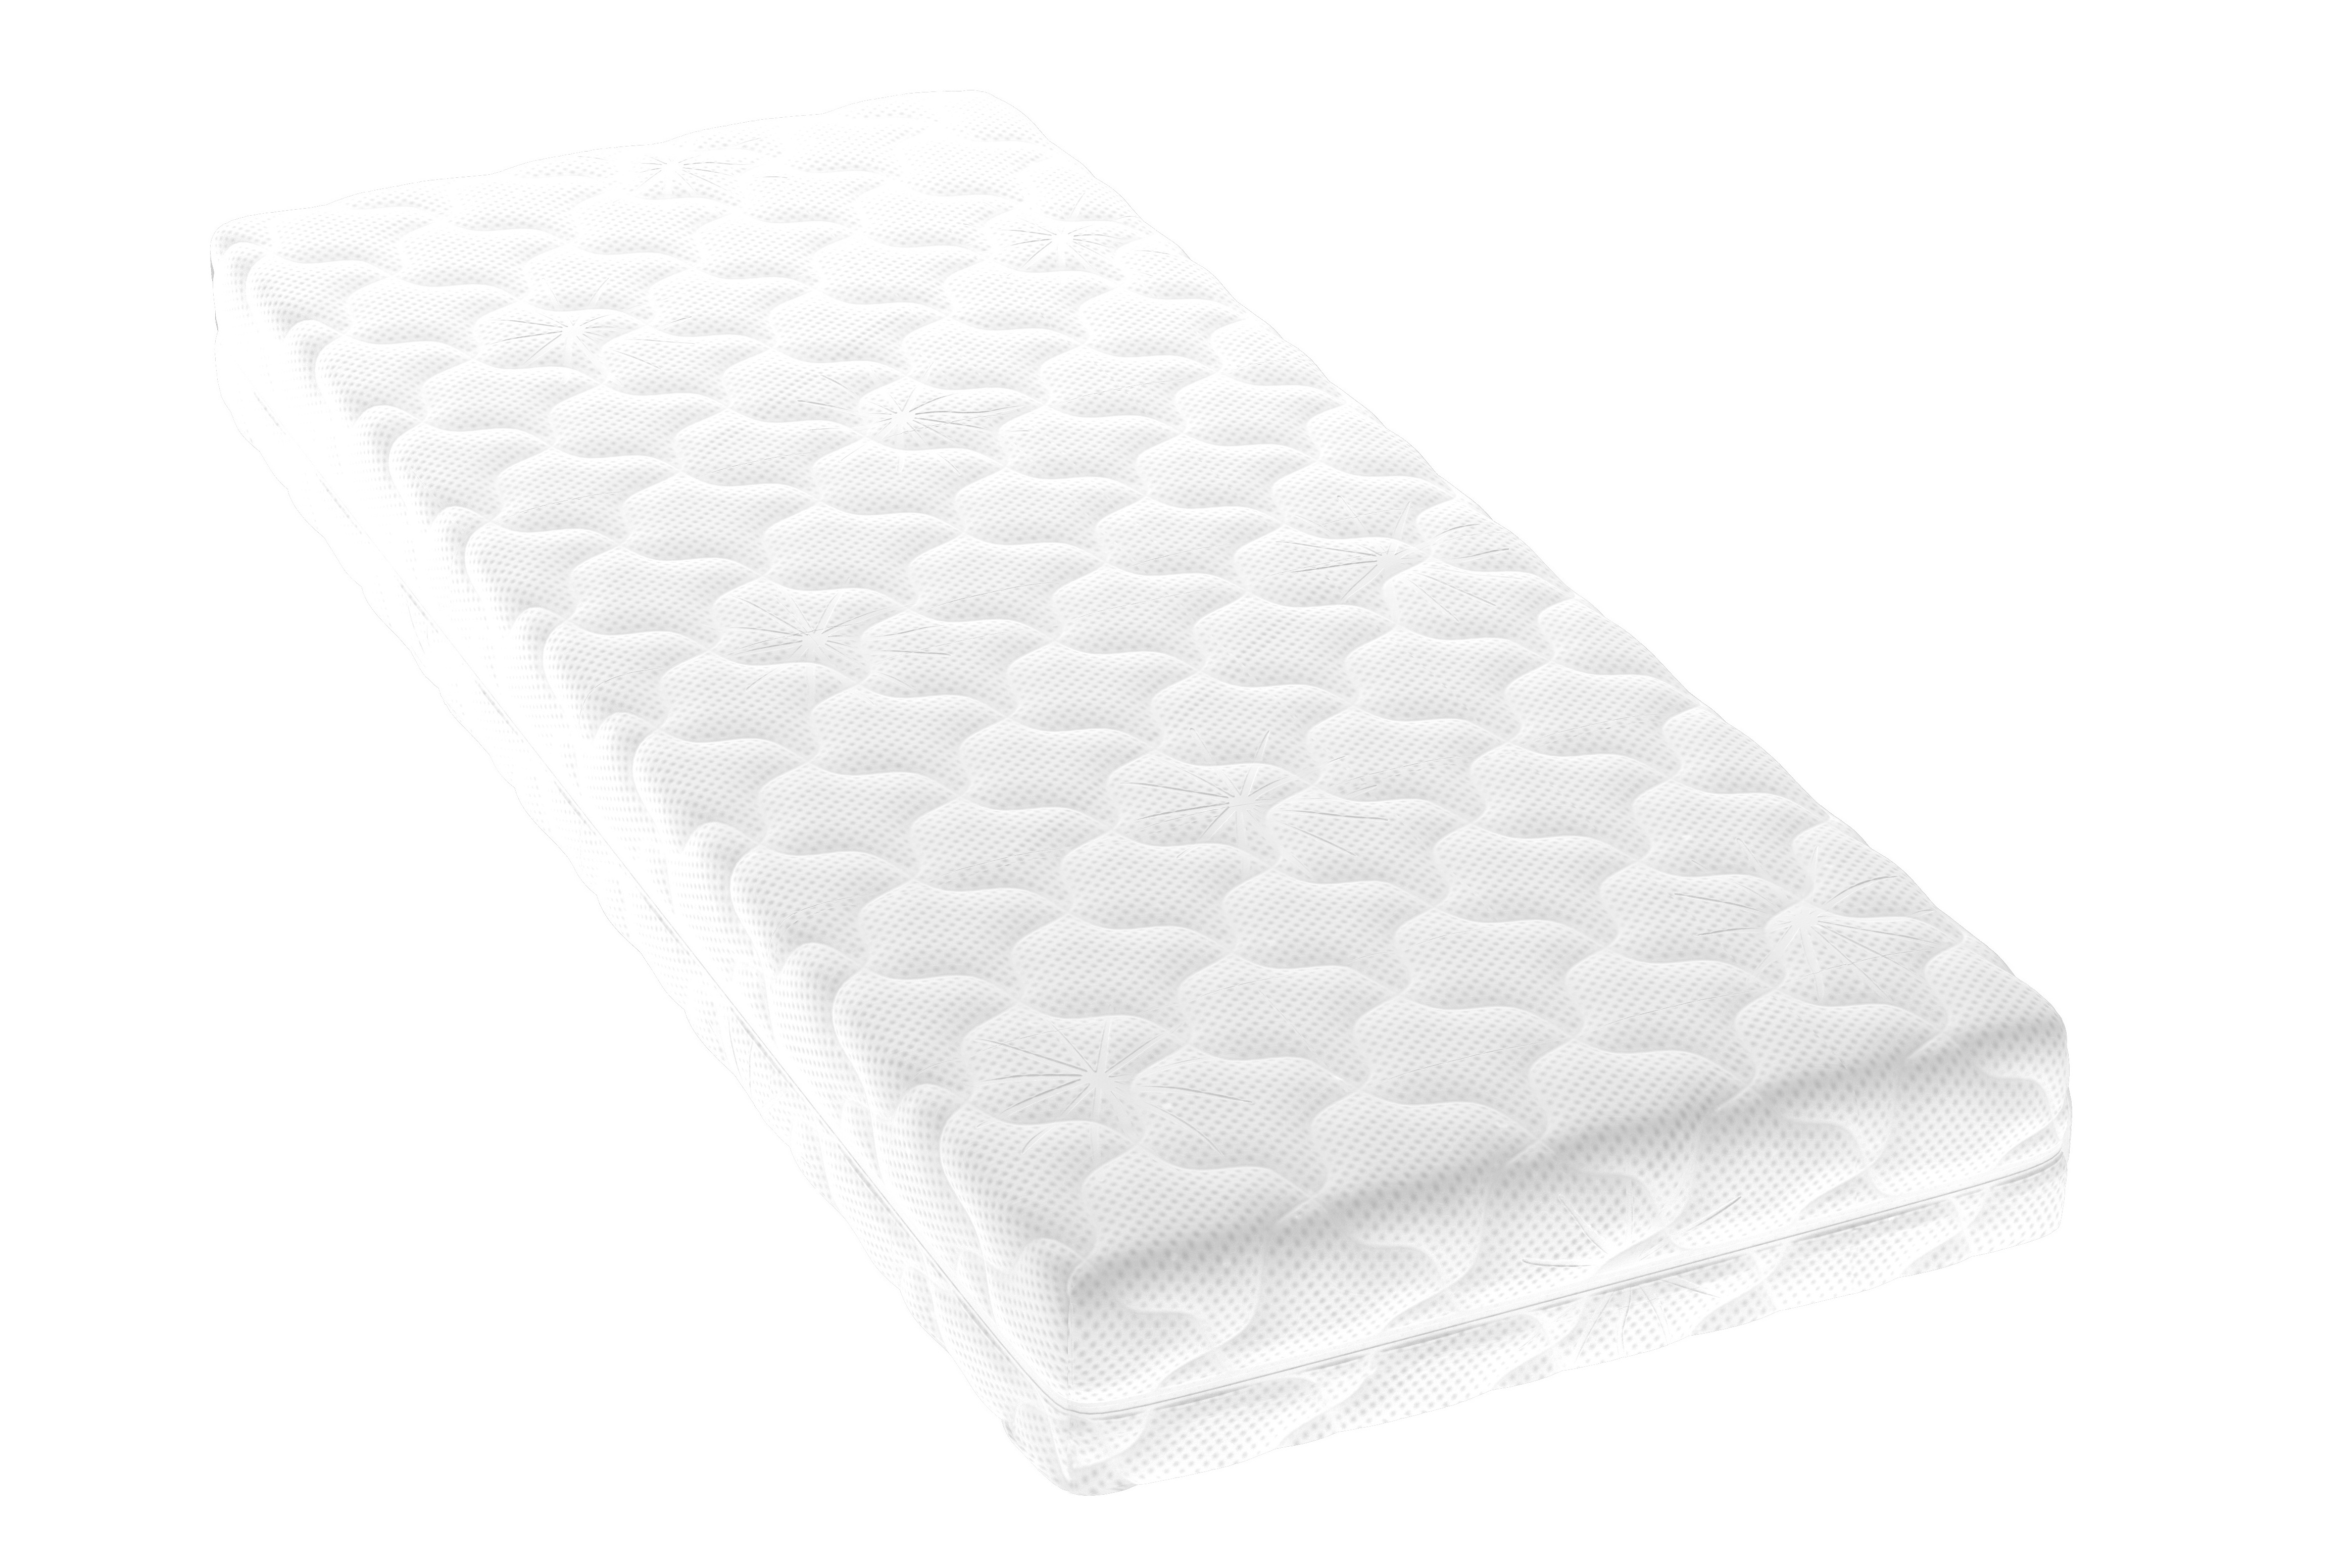 Матрас Tempo 200x90Беспружинные односпальные матрасы<br>Матрас из современного эластичного материала Smartflex Soft. Материал мягок и приятен на ощупь, гипоаллергенен, благодаря своей пористой структуре хорошо вентилируется.&amp;amp;nbsp;&amp;lt;div&amp;gt;&amp;lt;br&amp;gt;&amp;lt;/div&amp;gt;&amp;lt;div&amp;gt;Компактная упаковка в виде рулона и небольшой вес облегчают транспортировку матраса, делая его идеальным для быстрого обустройства спального места. Чехол из практичной трикотажной ткани Jersey, делающей его простым в уходе. Ткань чехла мягкая и эластичная на ощупь, имеет приятную фактуру, не сминается, устойчива к пятнам, не способствует размножению бактерий и пылевых клещей.&amp;amp;nbsp;&amp;lt;/div&amp;gt;&amp;lt;div&amp;gt;Матрас Tempo – для тех, кто привык жить в быстром темпе!&amp;lt;/div&amp;gt;<br><br>Material: Текстиль<br>Ширина см: 90<br>Высота см: 17<br>Глубина см: 200